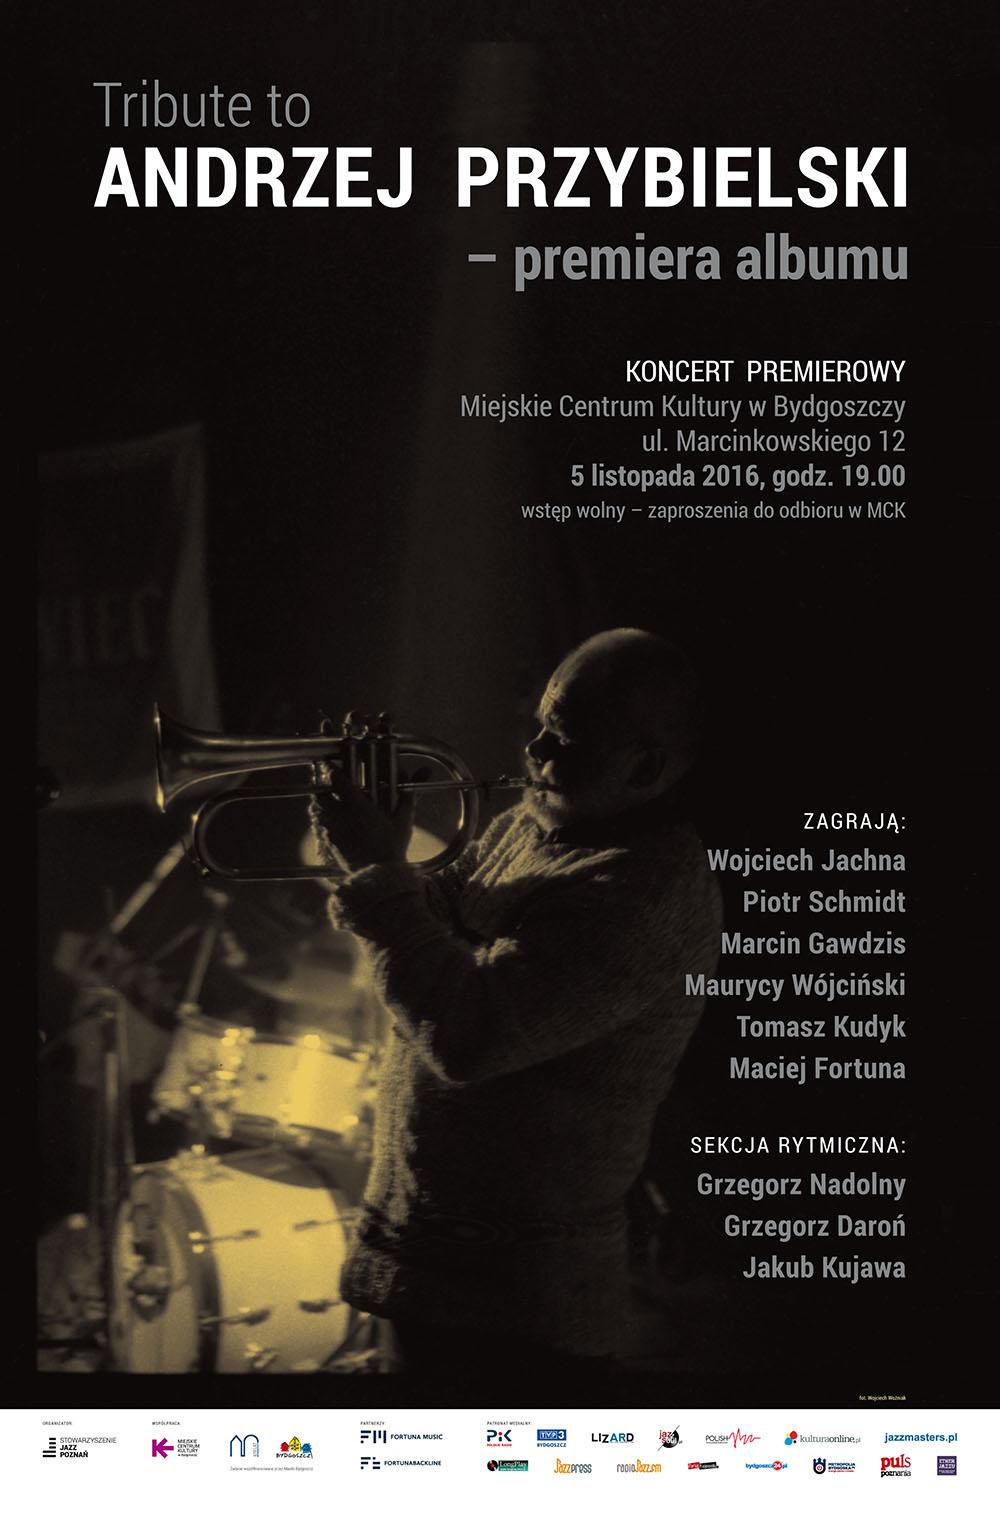 tribute-to-andrzej-przybielski-plakat